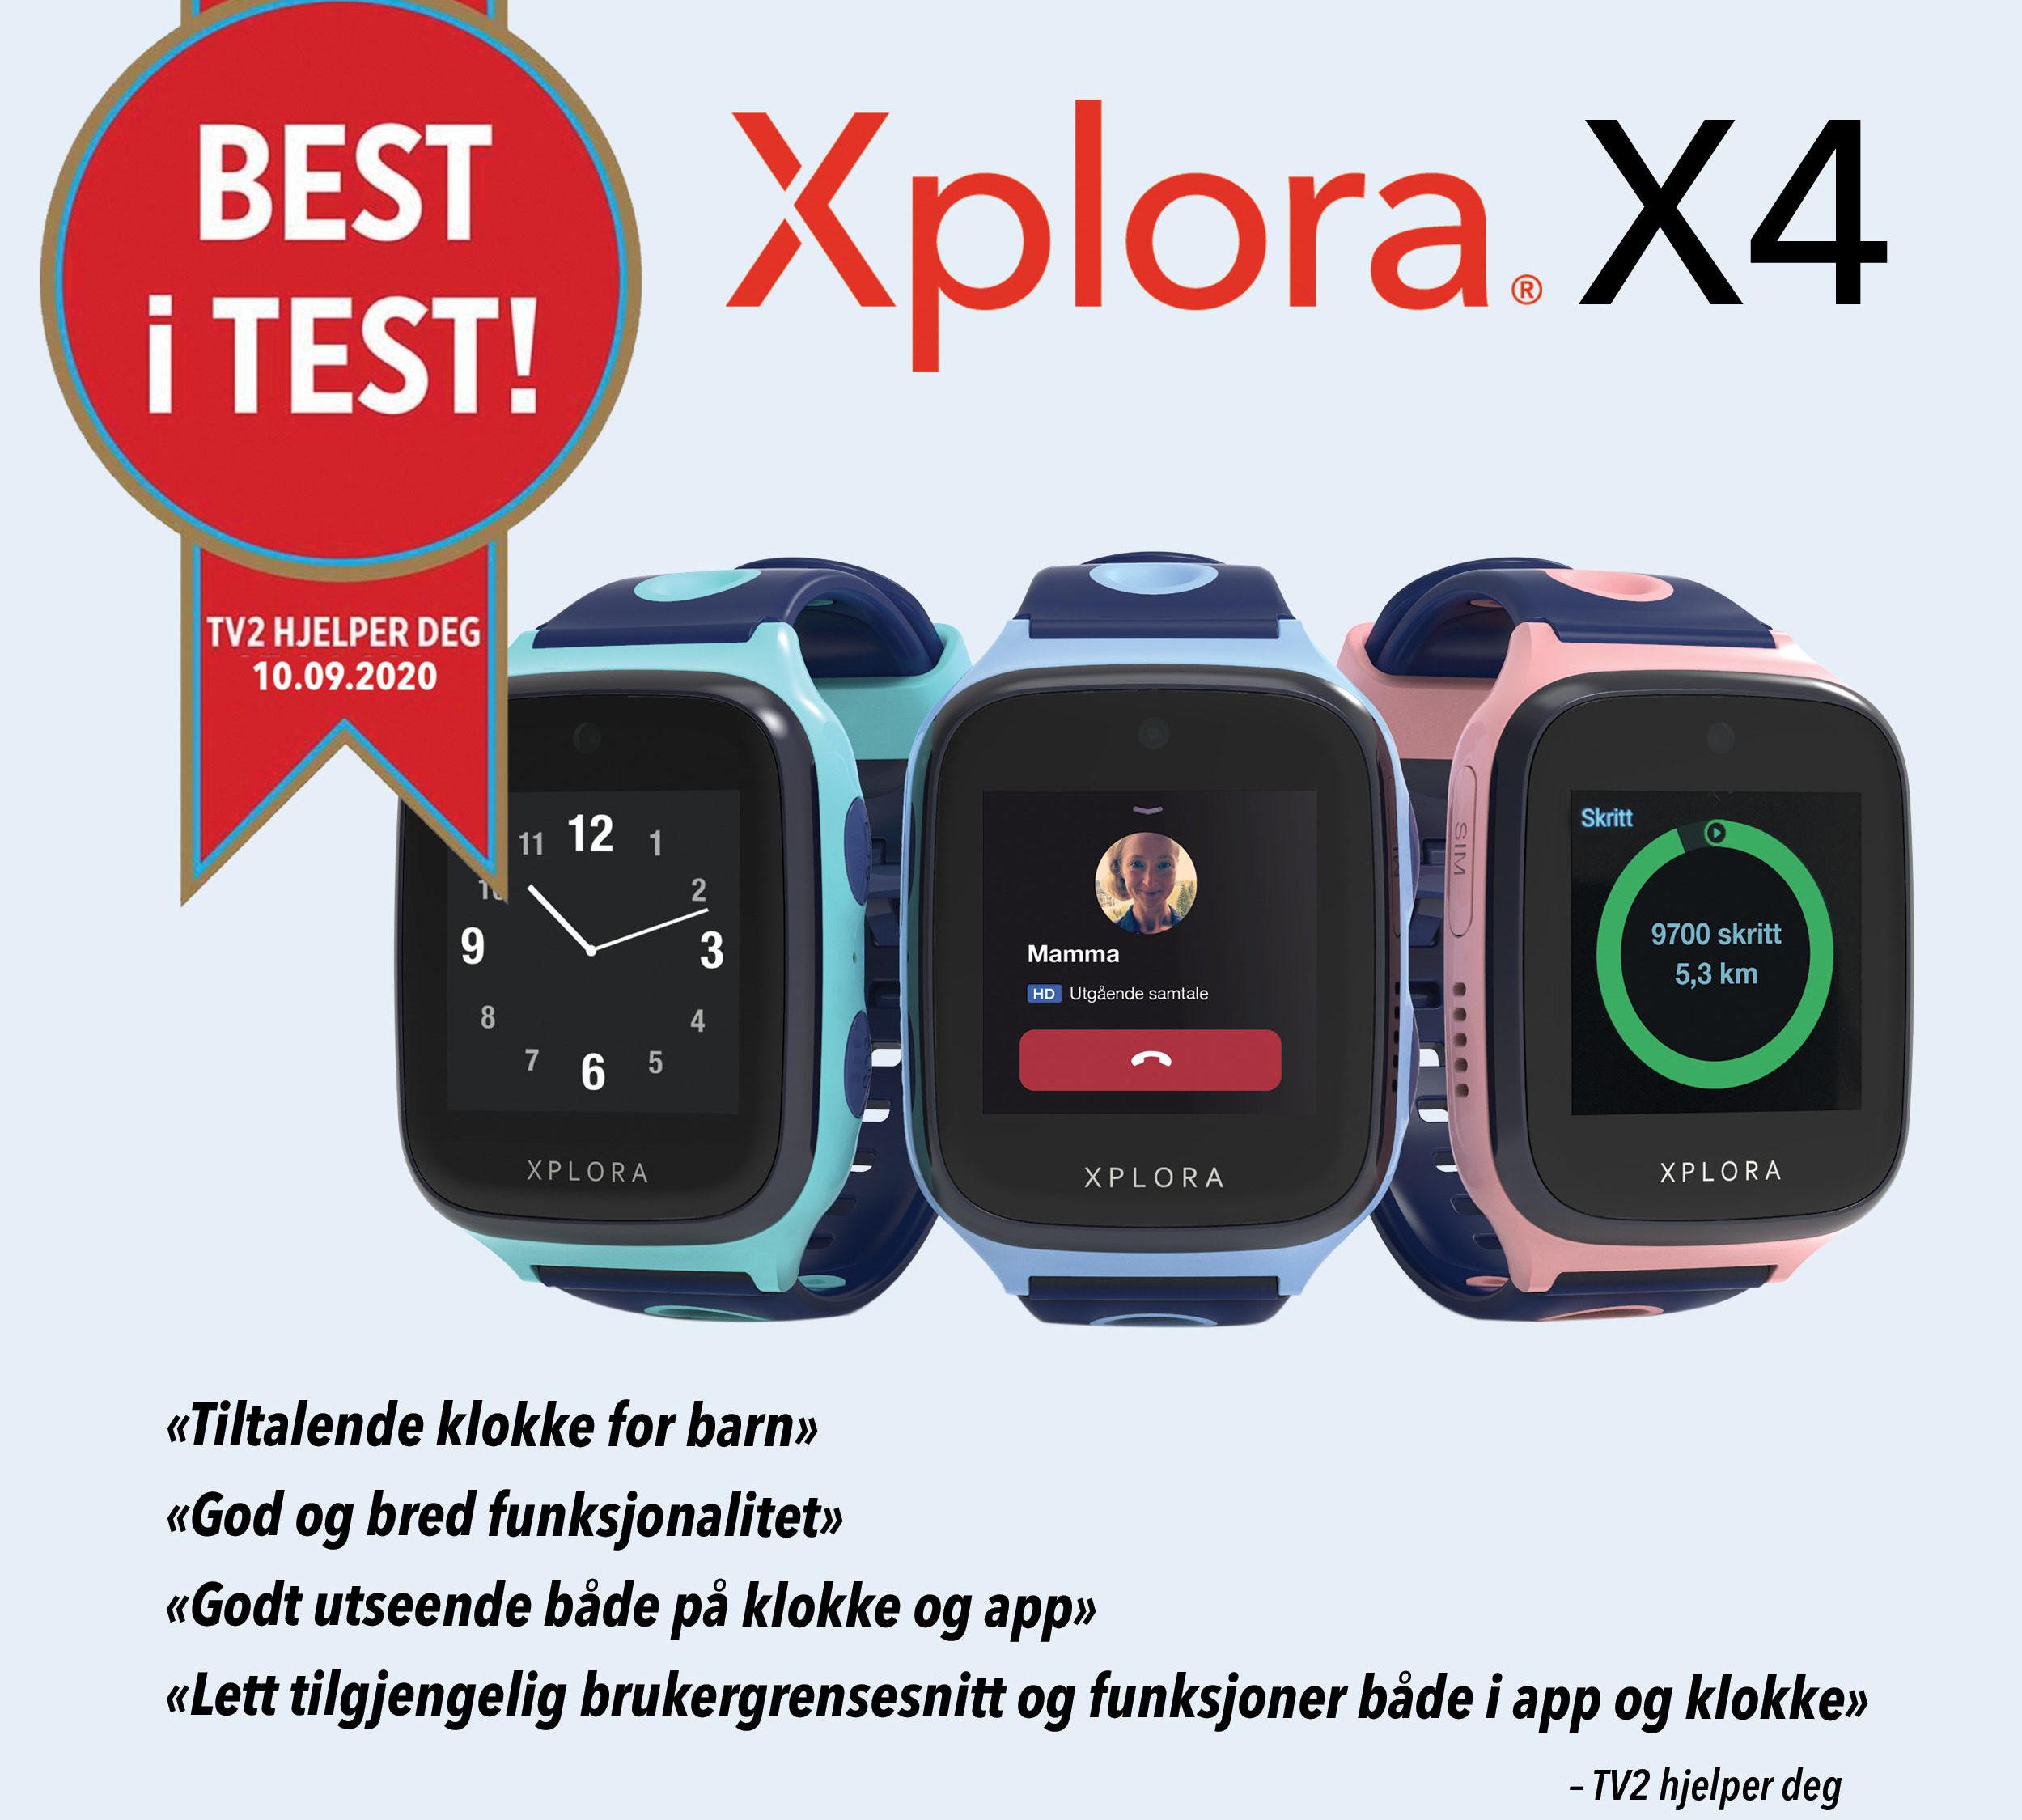 SLUTTSALG! Xplora X4 smartklokke for barn vant best i test hos TV2 hjelper deg!